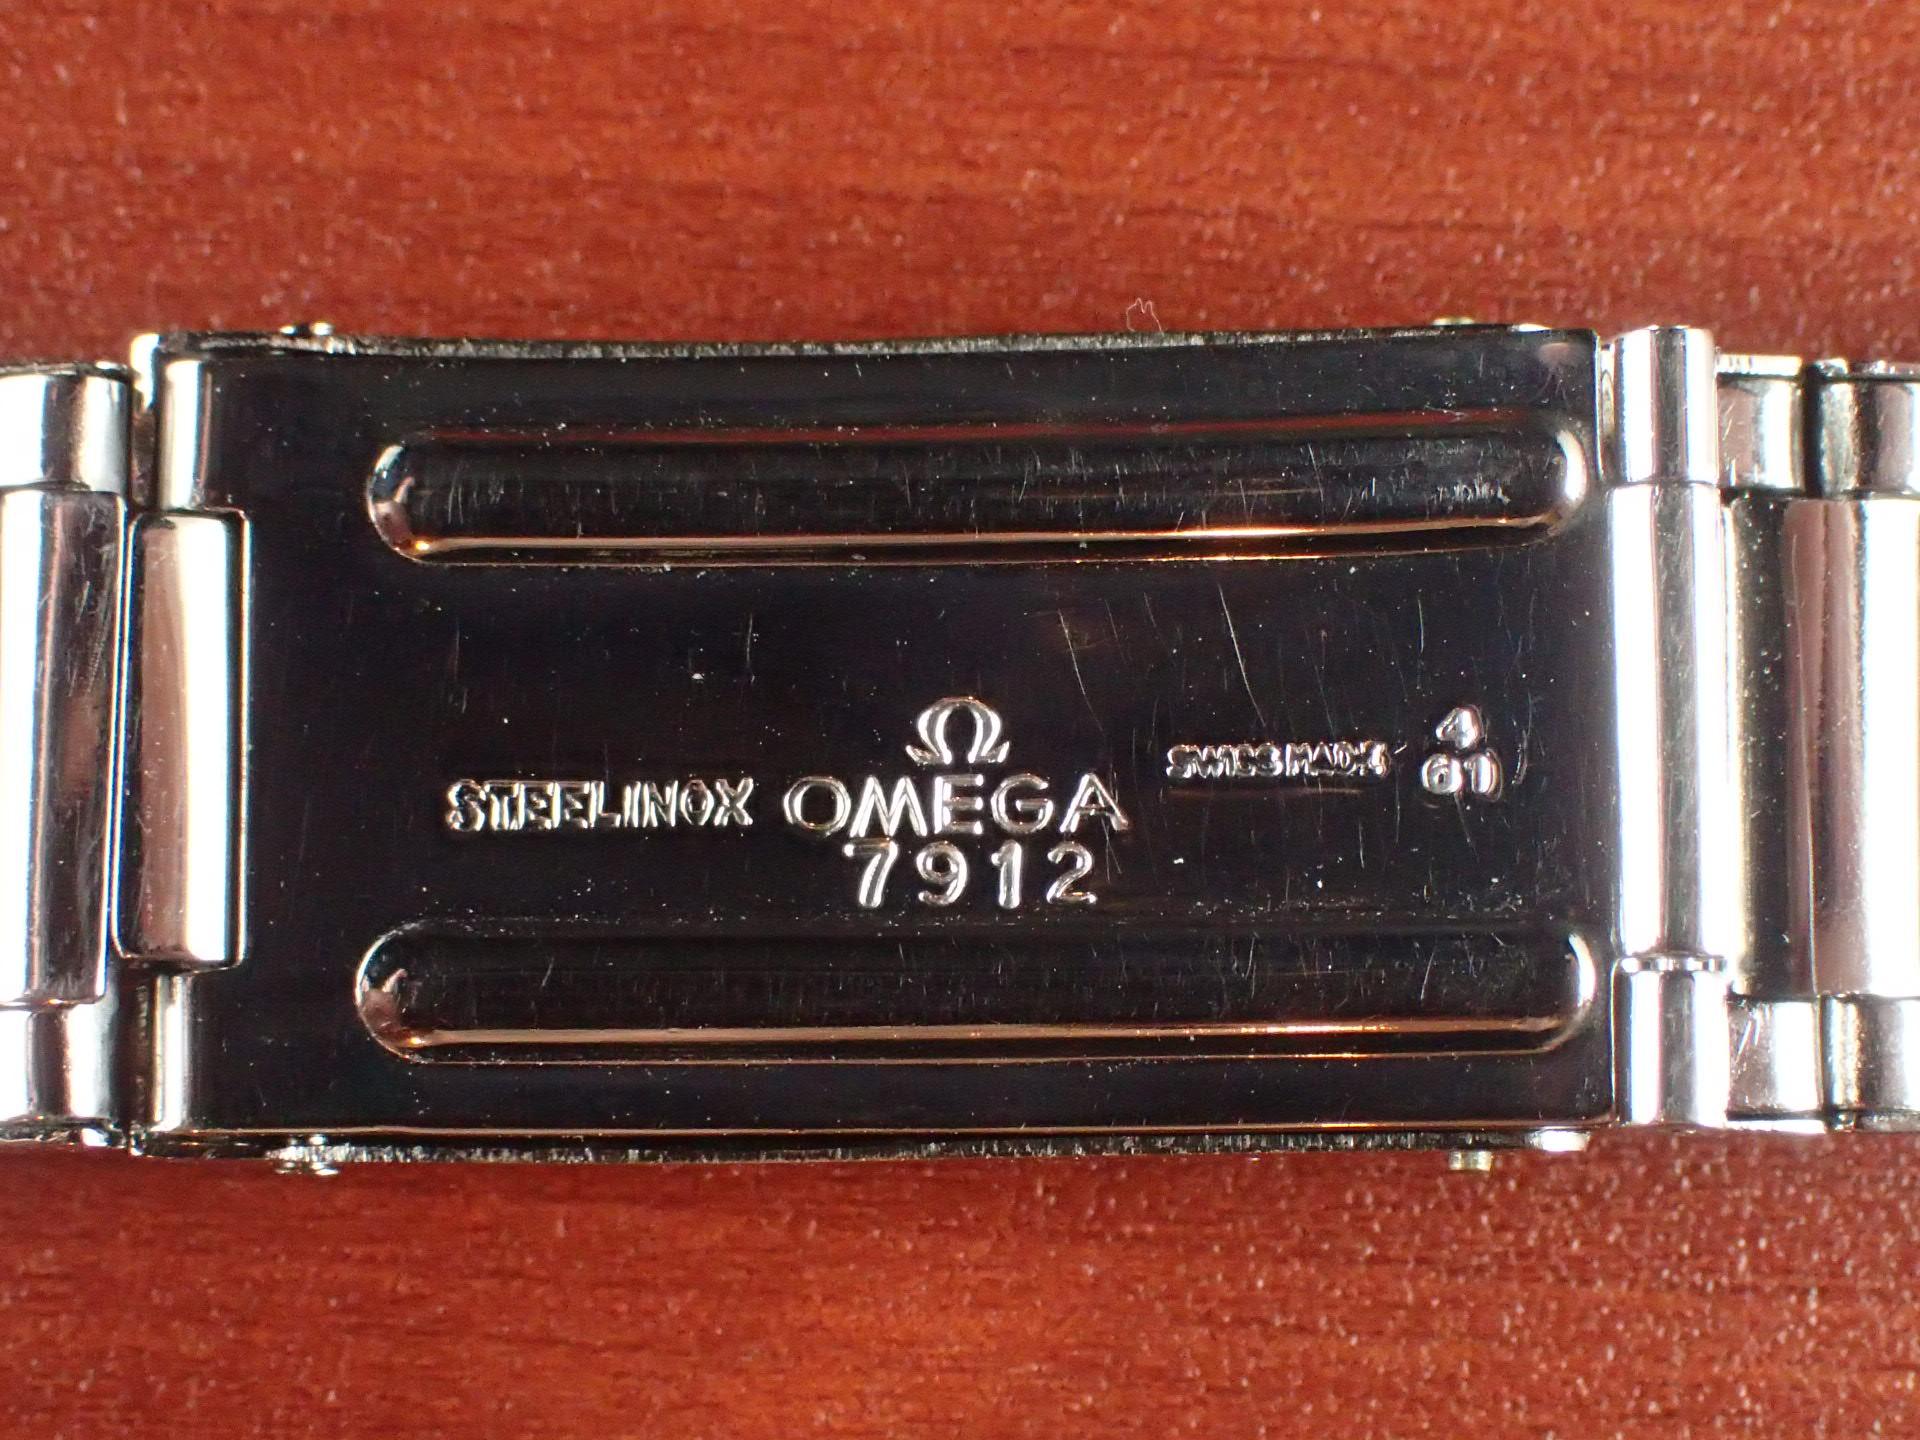 オメガ キャタピラブレス 18mm Ref:7912 1961年製の写真5枚目